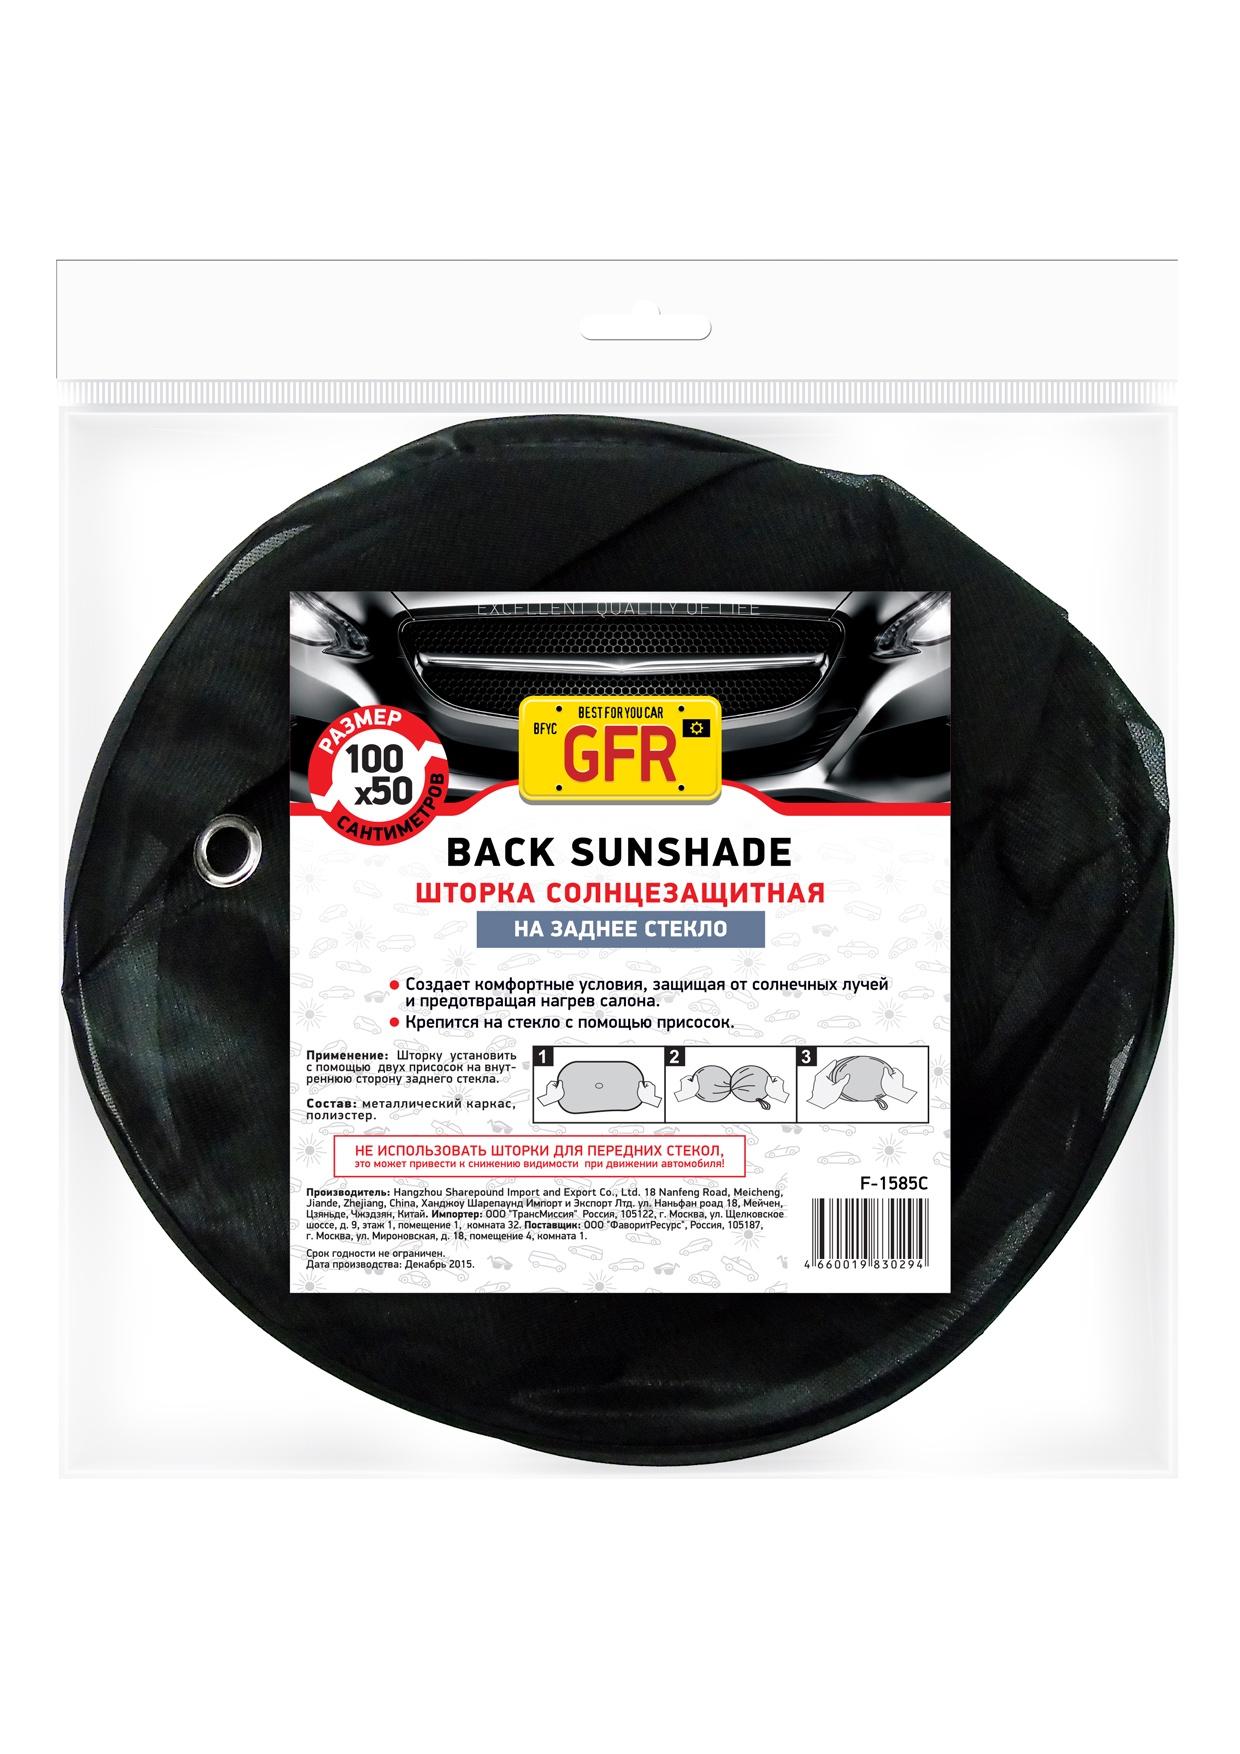 цена на Шторка солнцезащитная GFR F-1585C на заднее стекло 100х50 (SUN-10050), черный